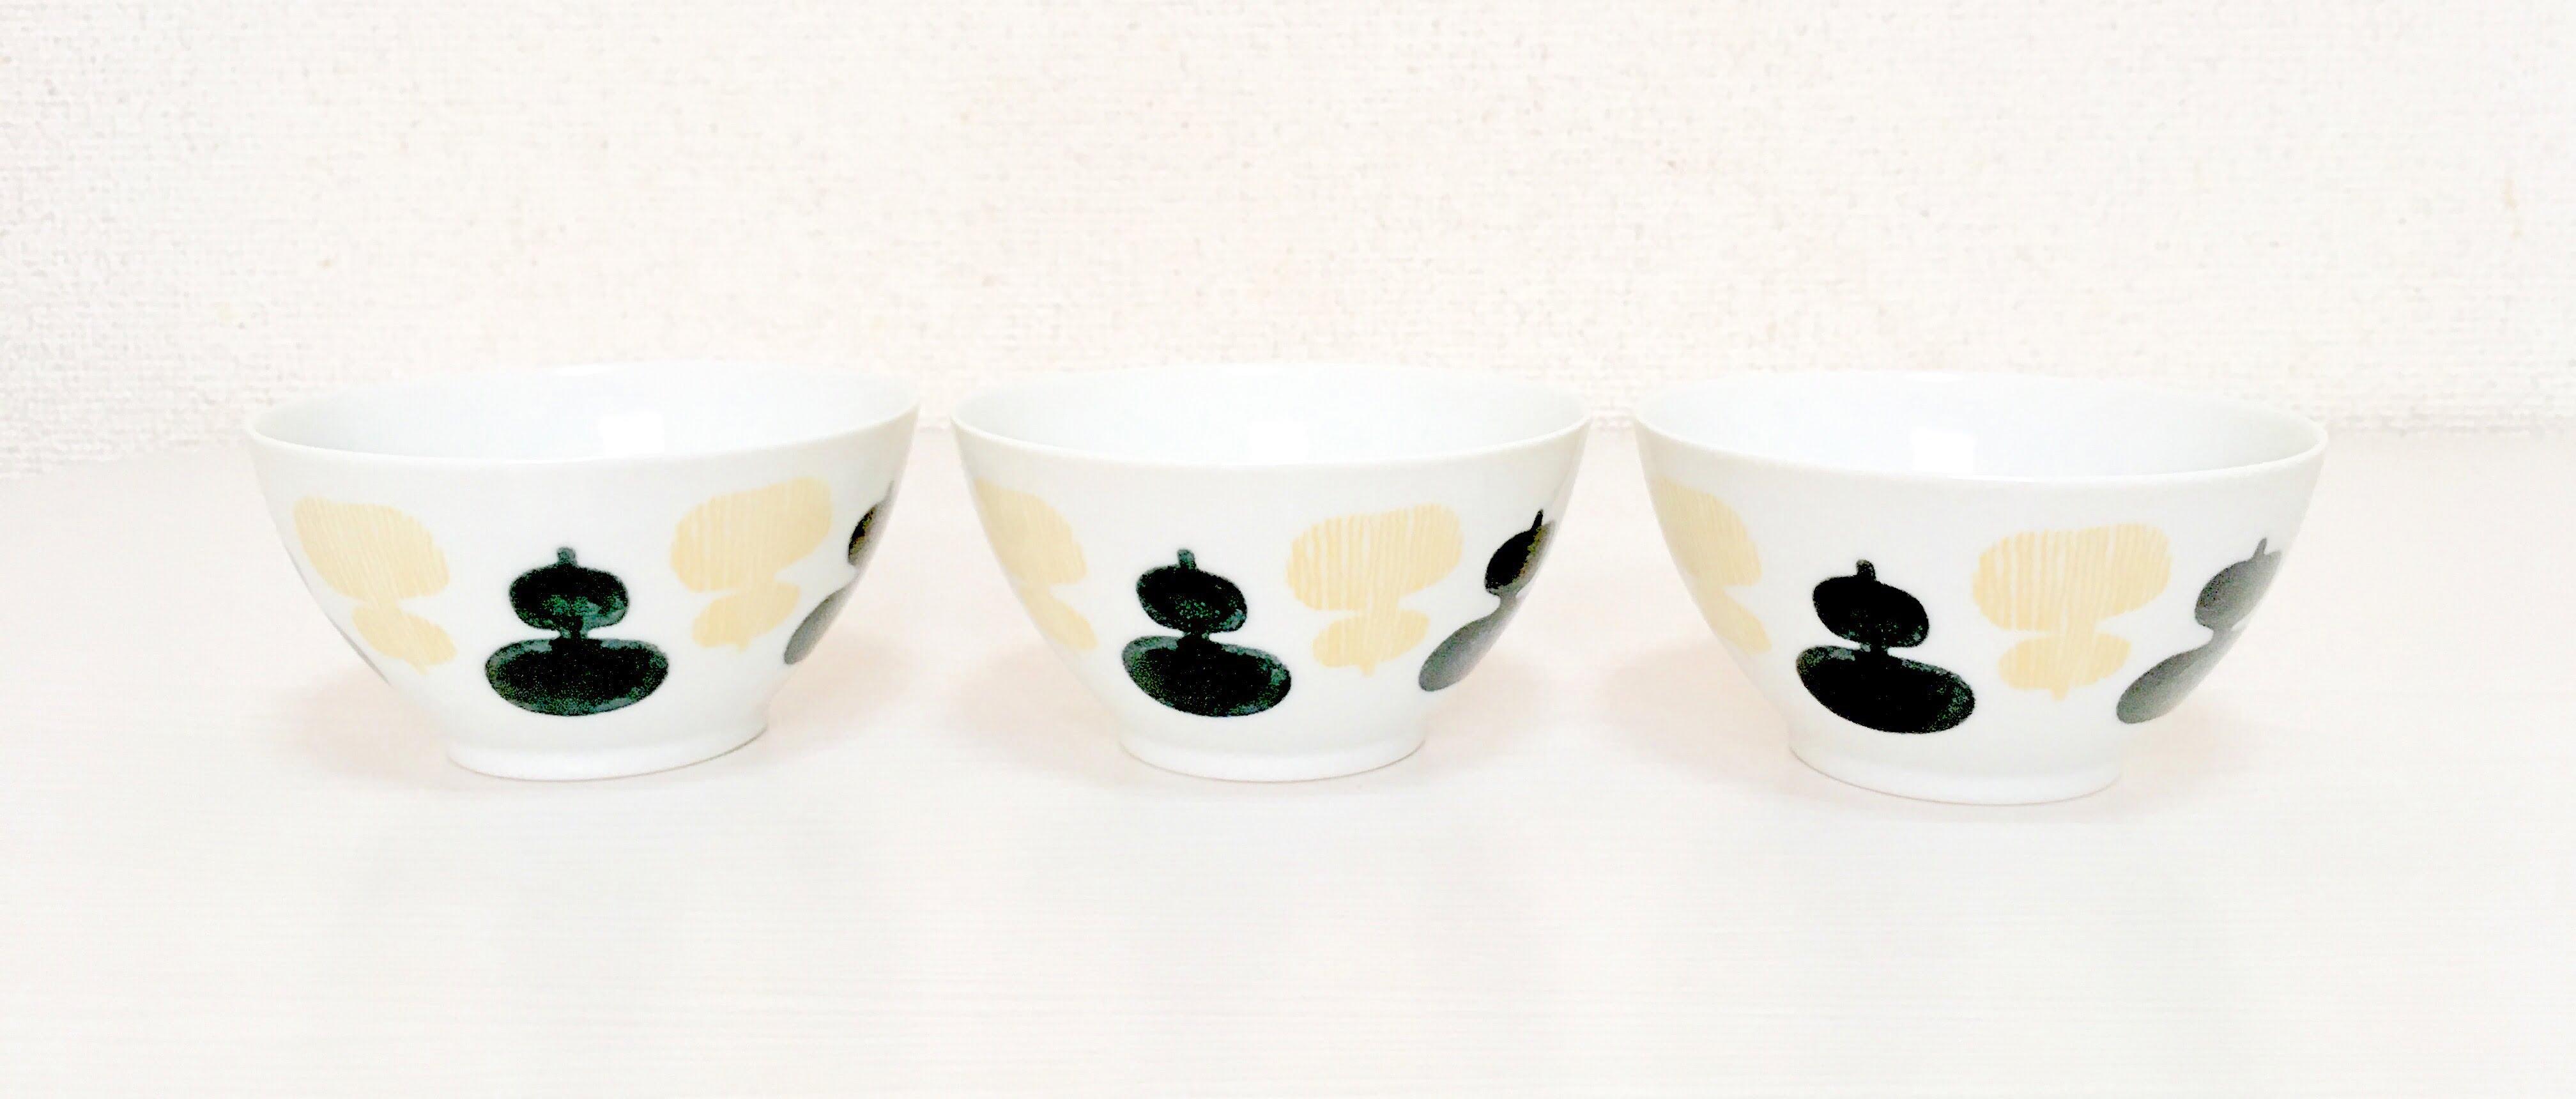 KEYUCA(ケユカ)のお皿「comofuku茶碗」を買ってみた